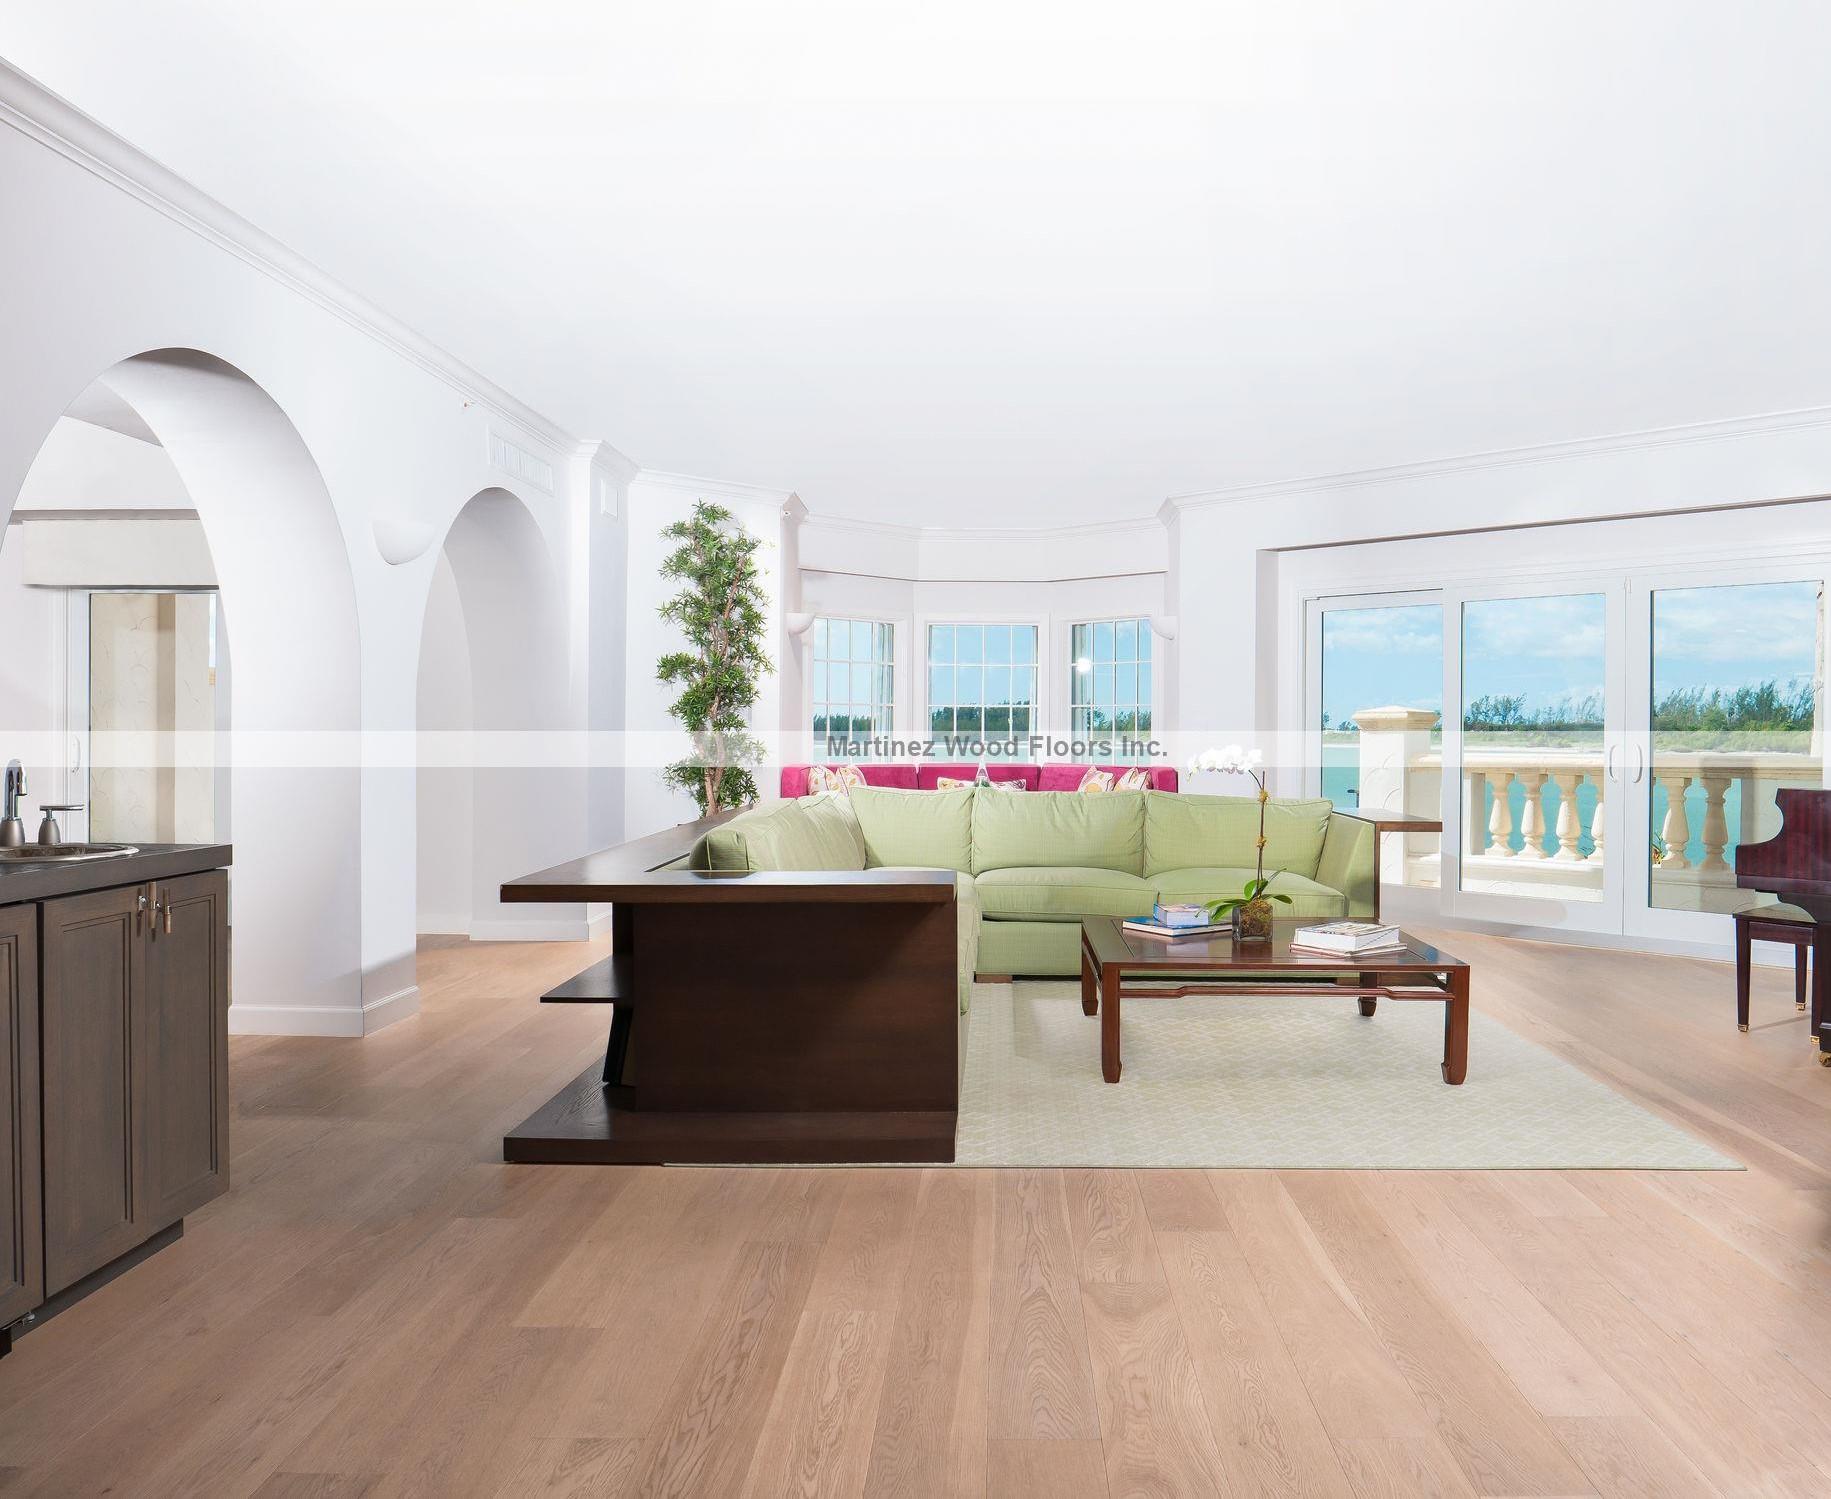 Hardwood Floors Martinez Wood Floors Miami Florida